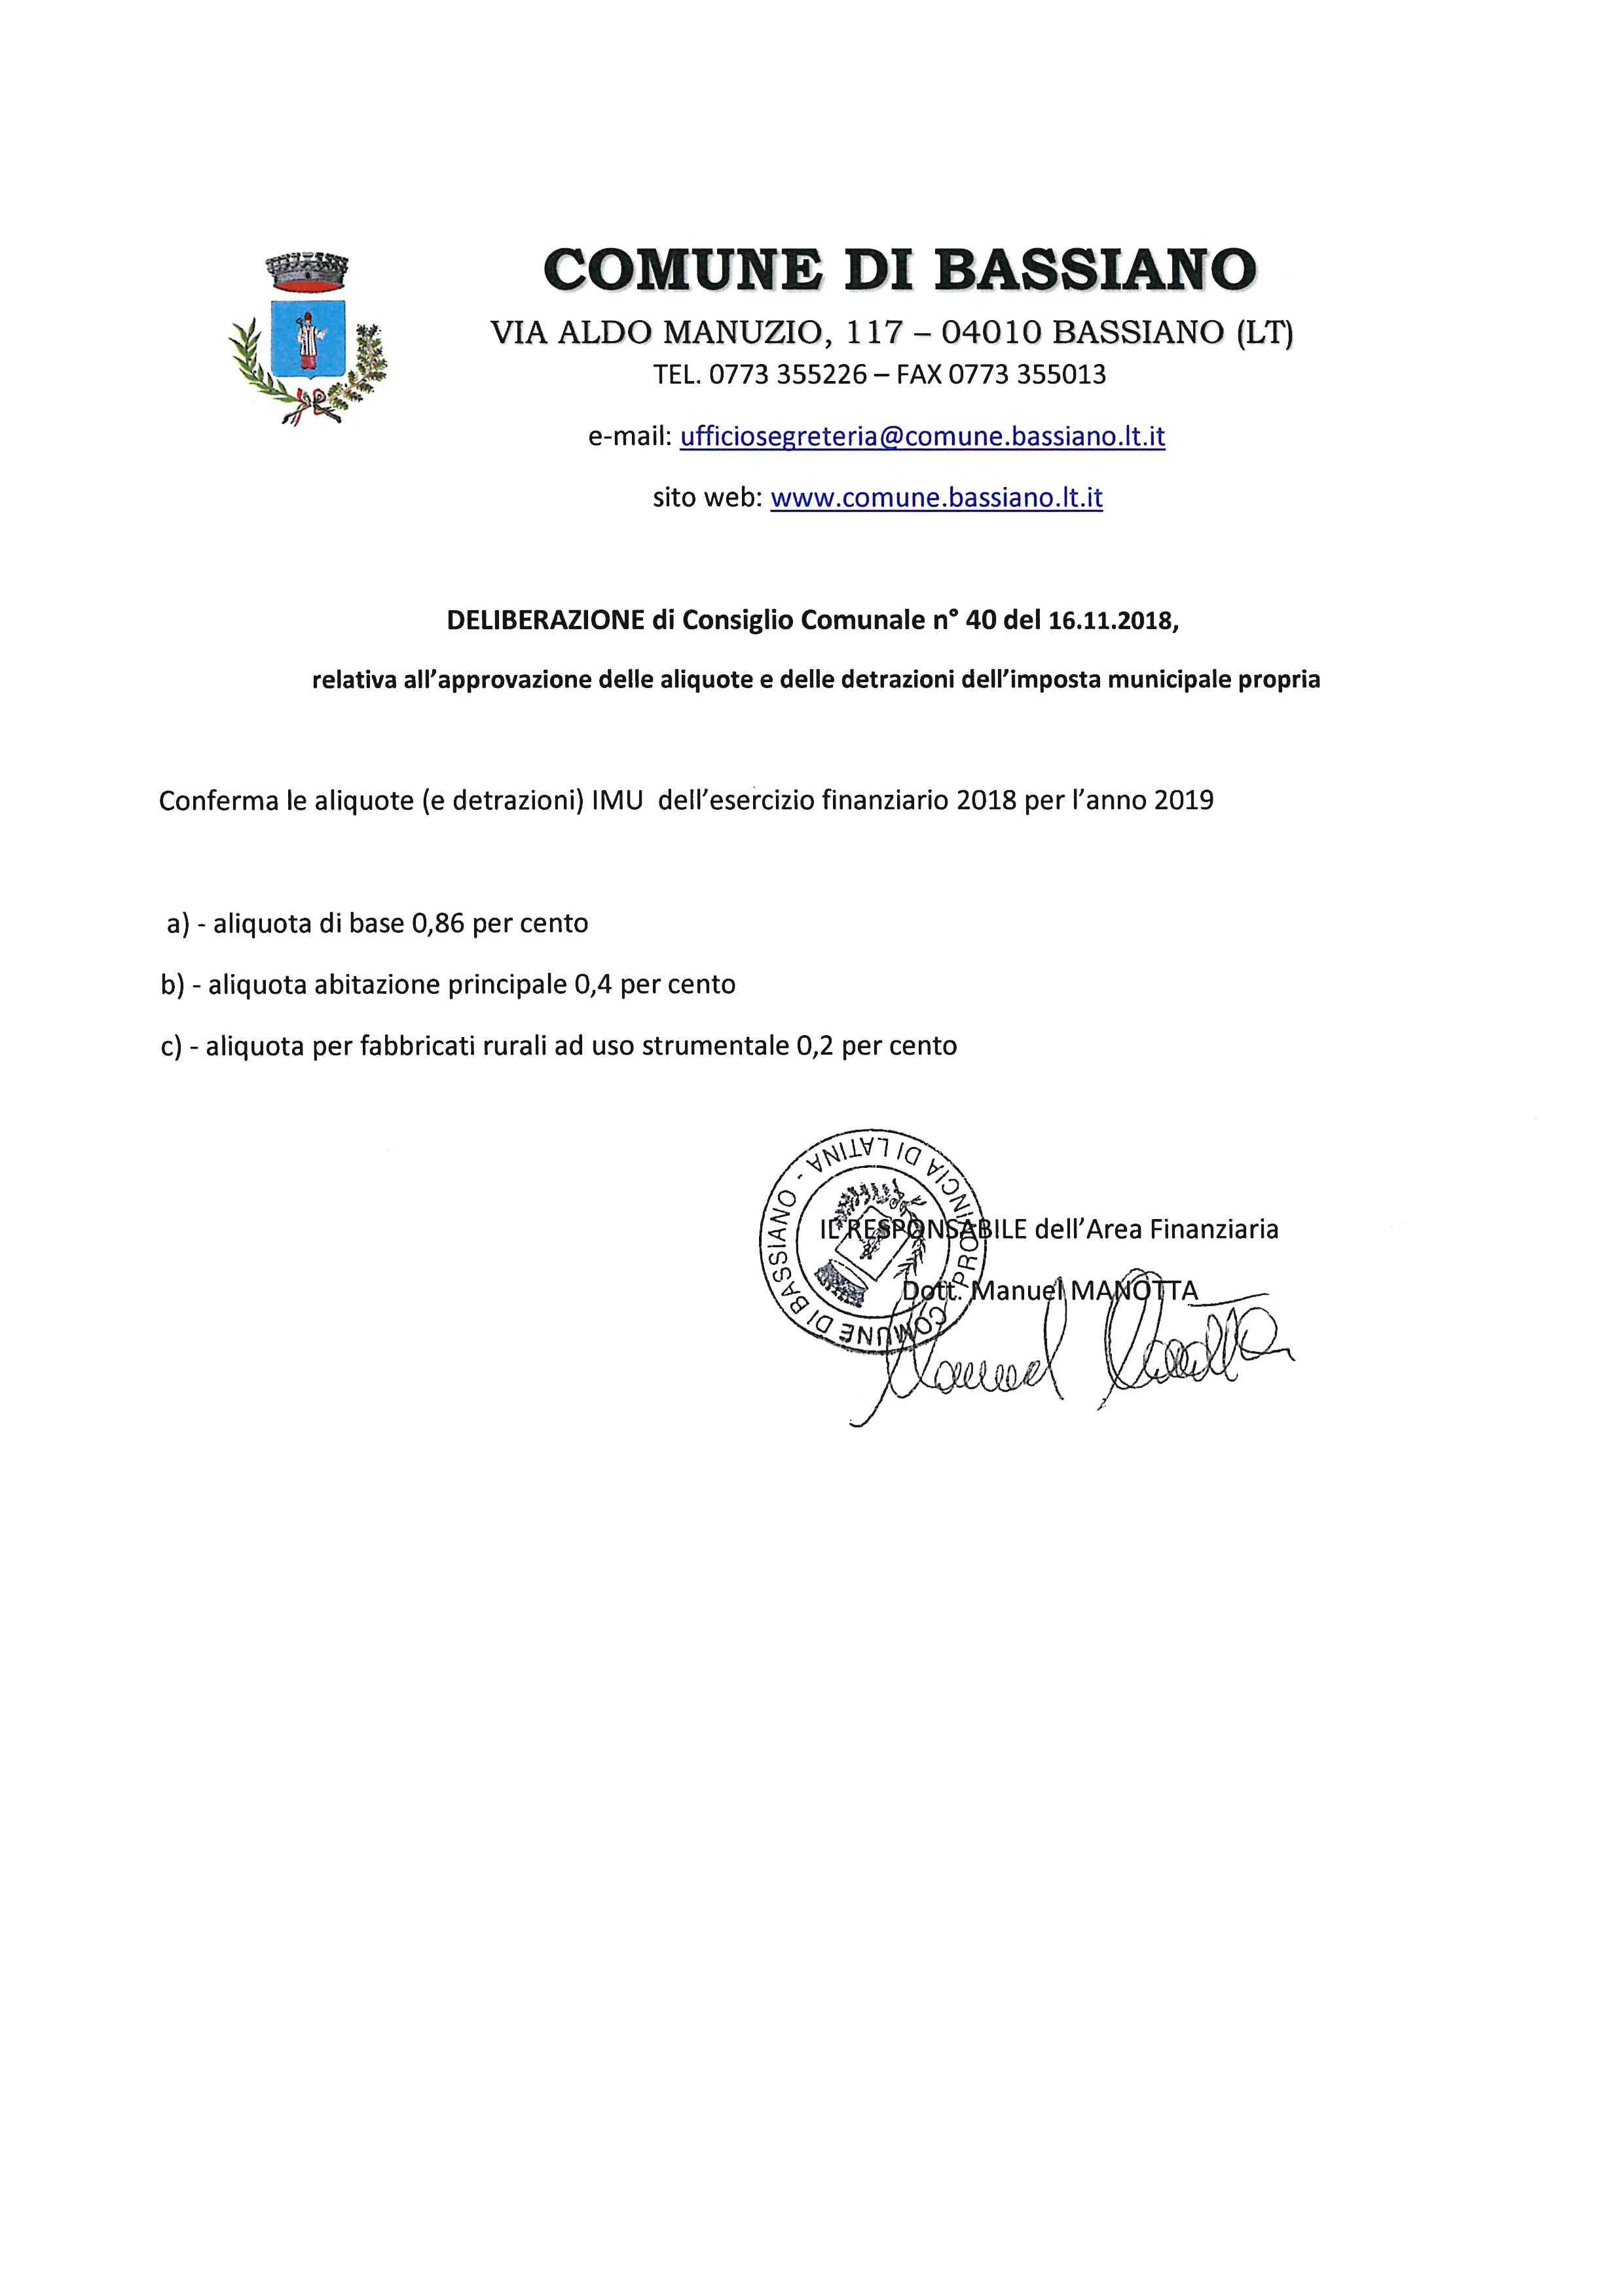 ALIQUOTE IMU ESERCIZIO FINANZIARIO 2019